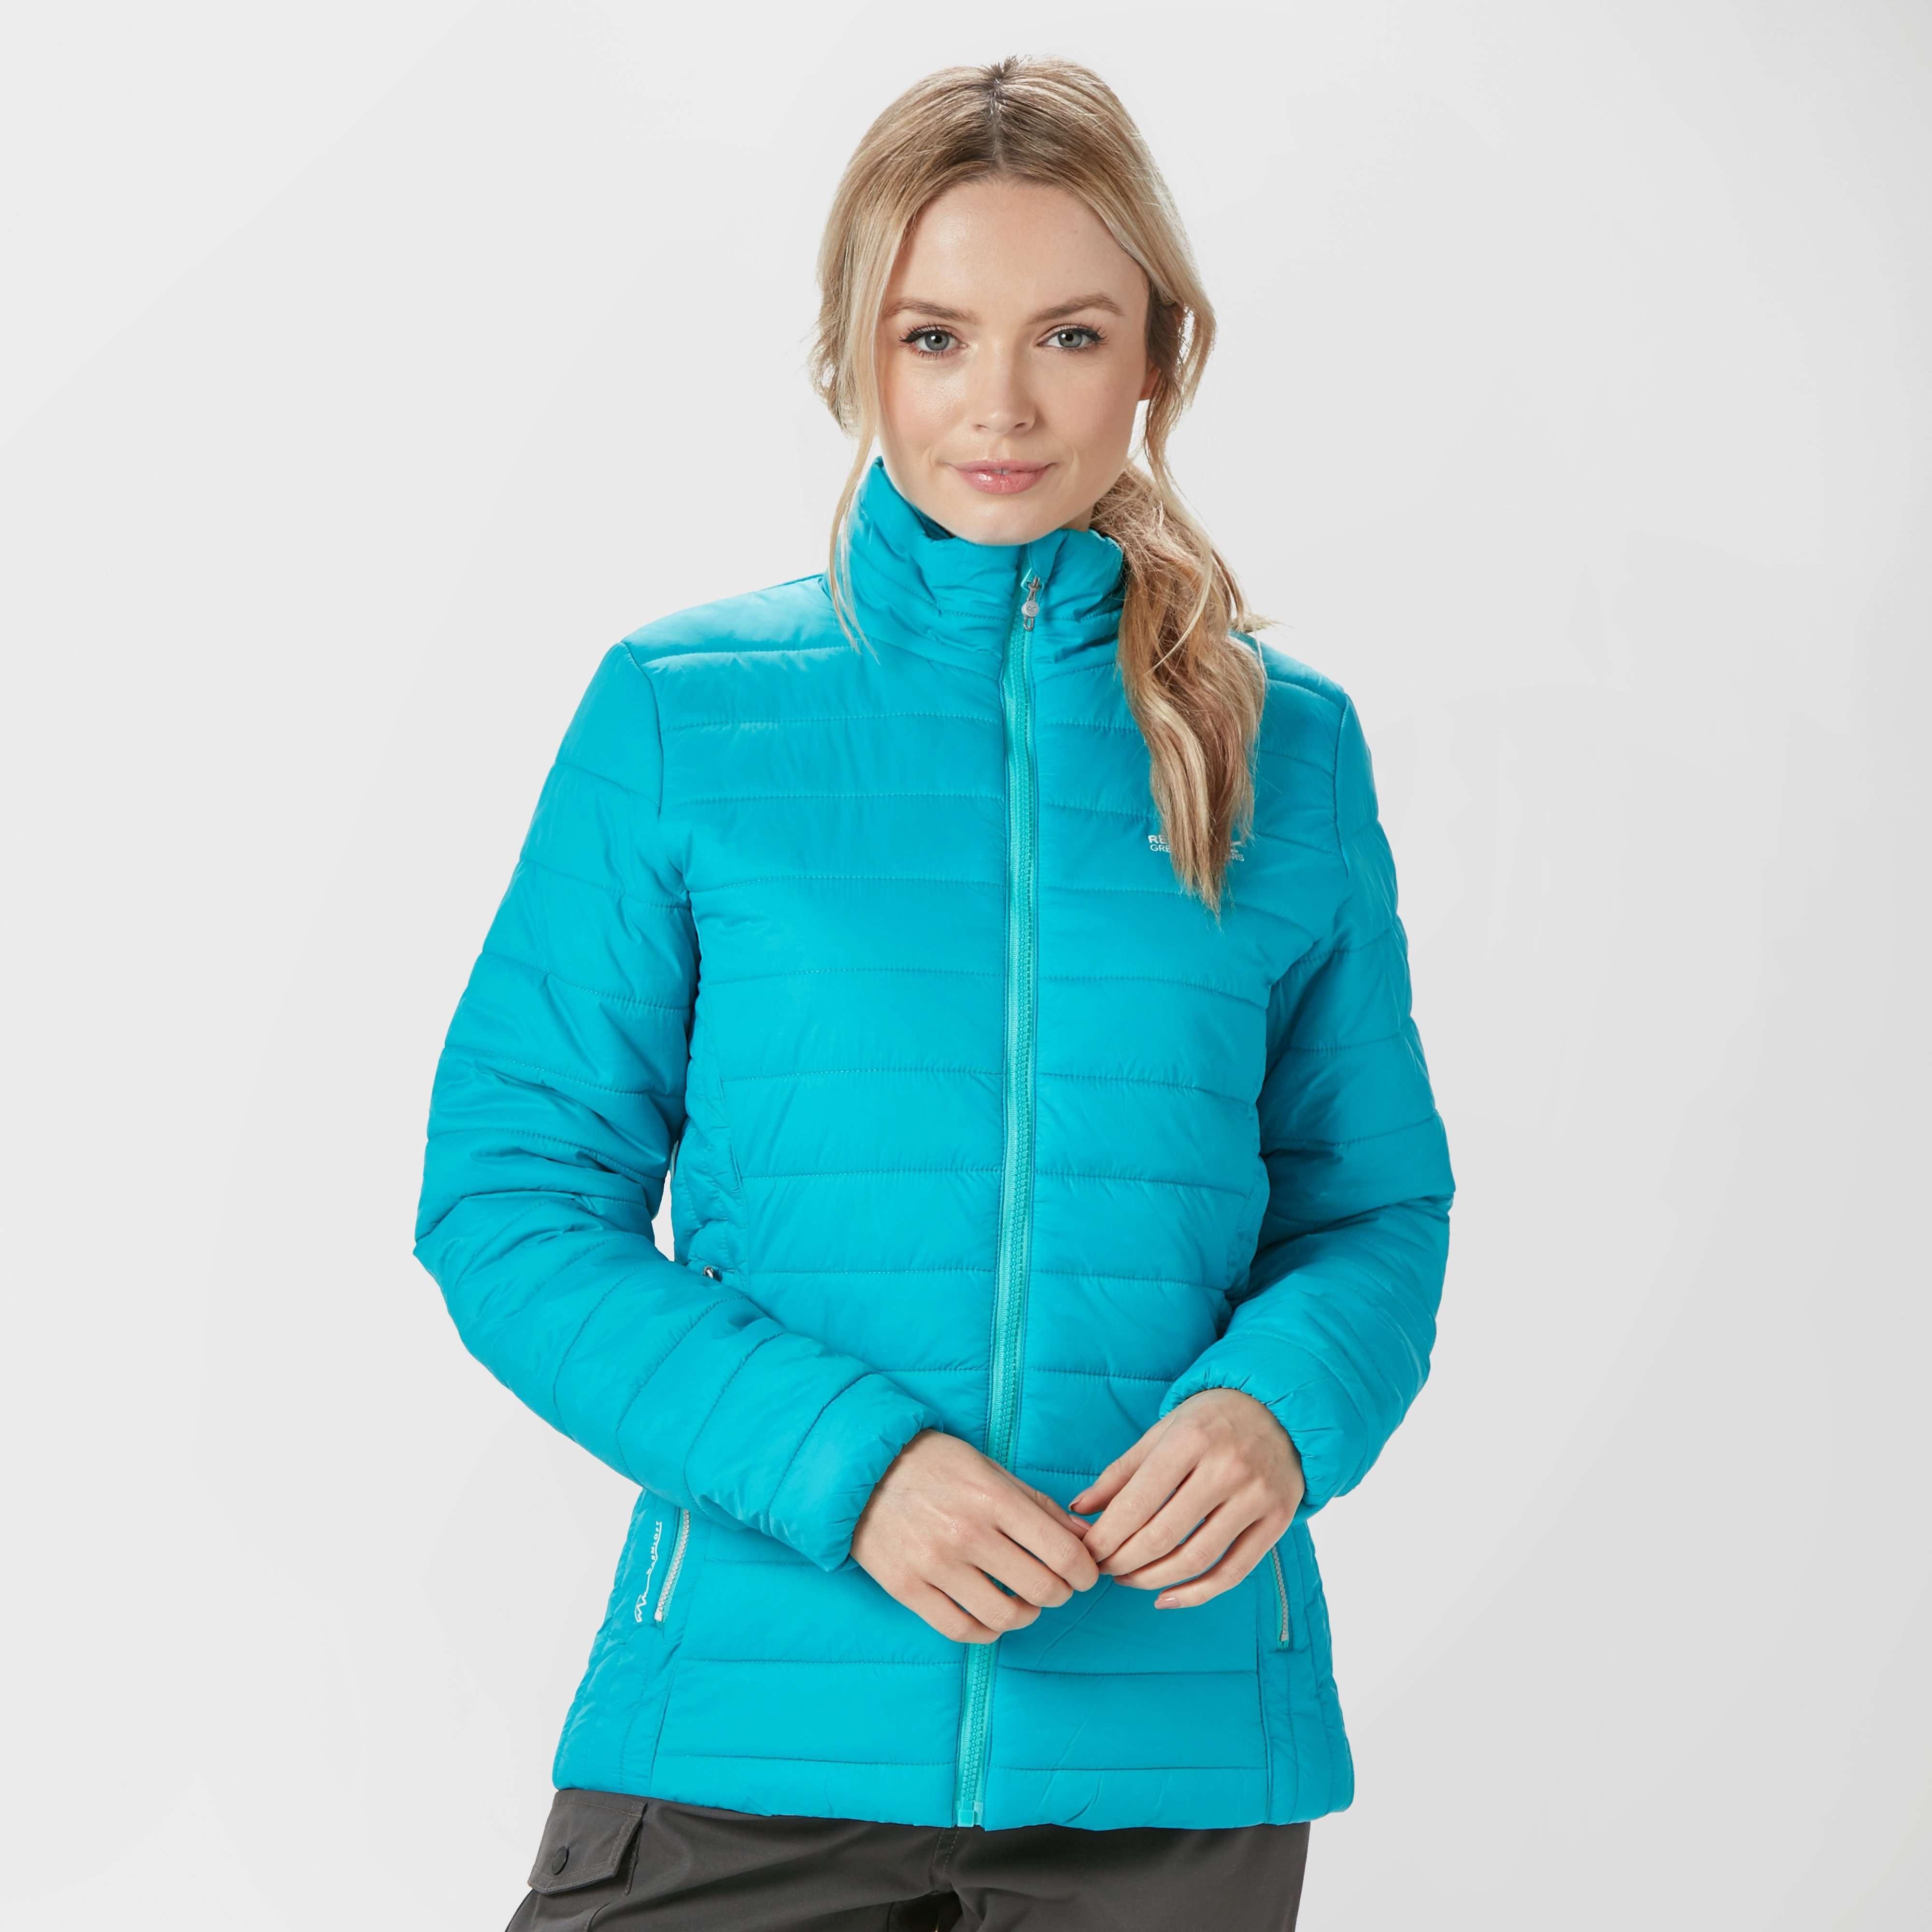 REGATTA Women's Icebound II Insulated Jacket